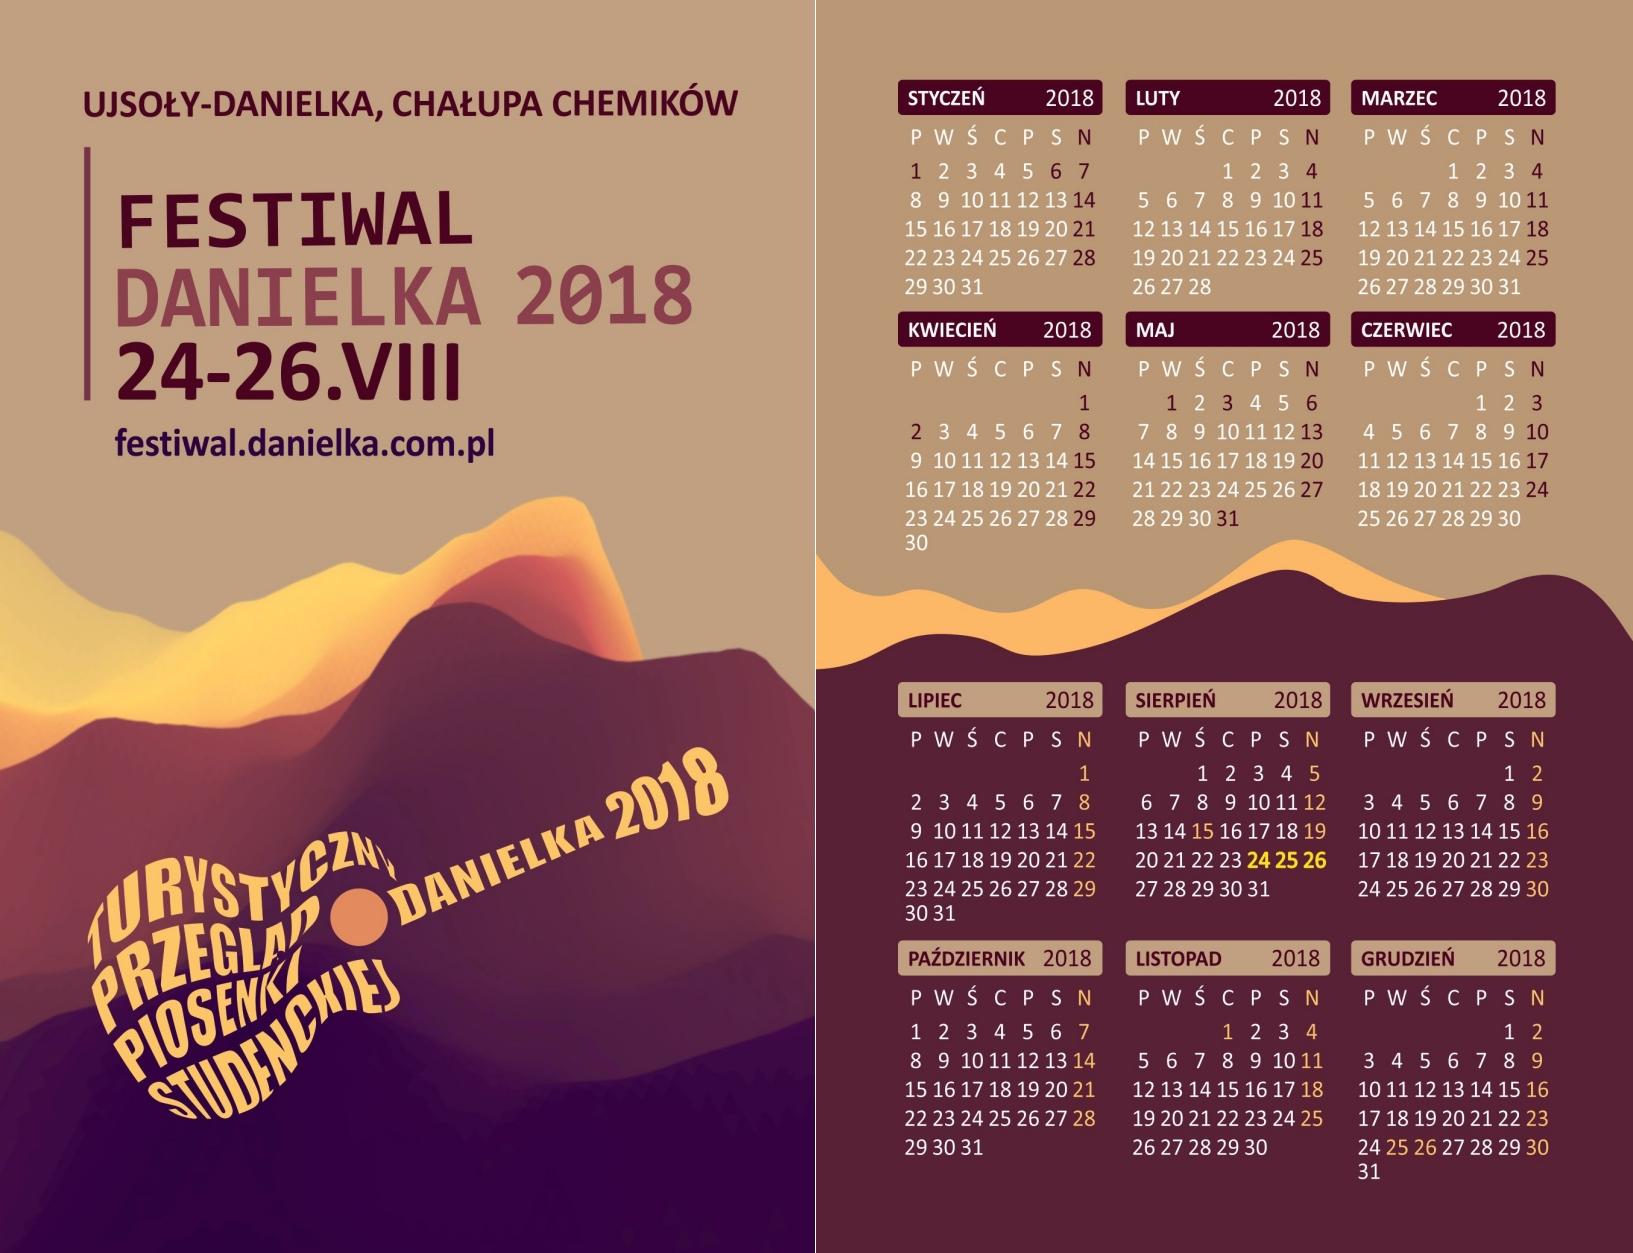 Kalendarzyki Danielka 2018